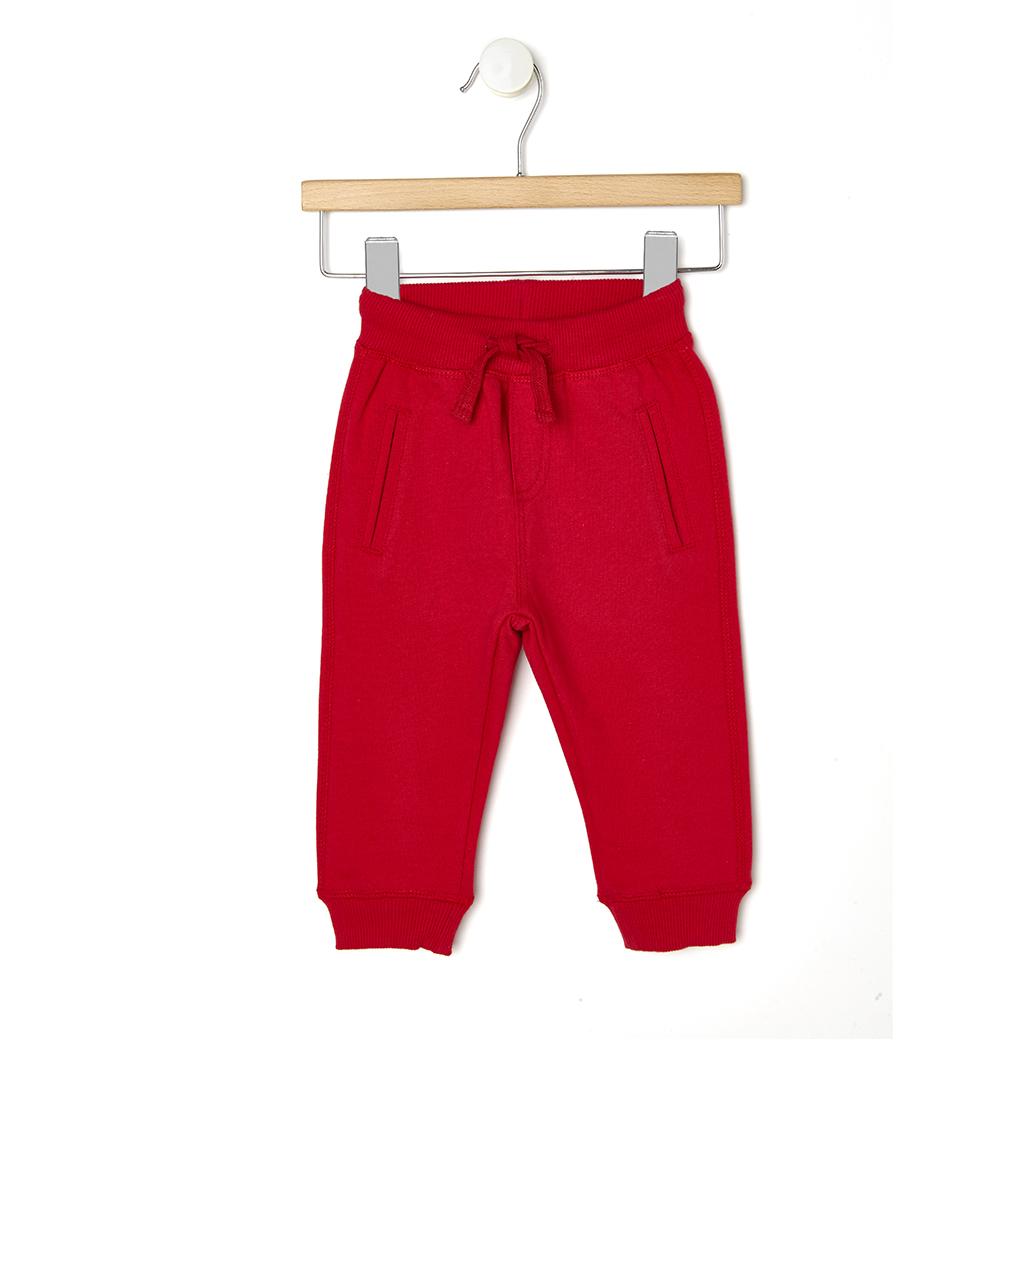 Παντελόνι Φόρμας Κόκκινο για Αγόρι